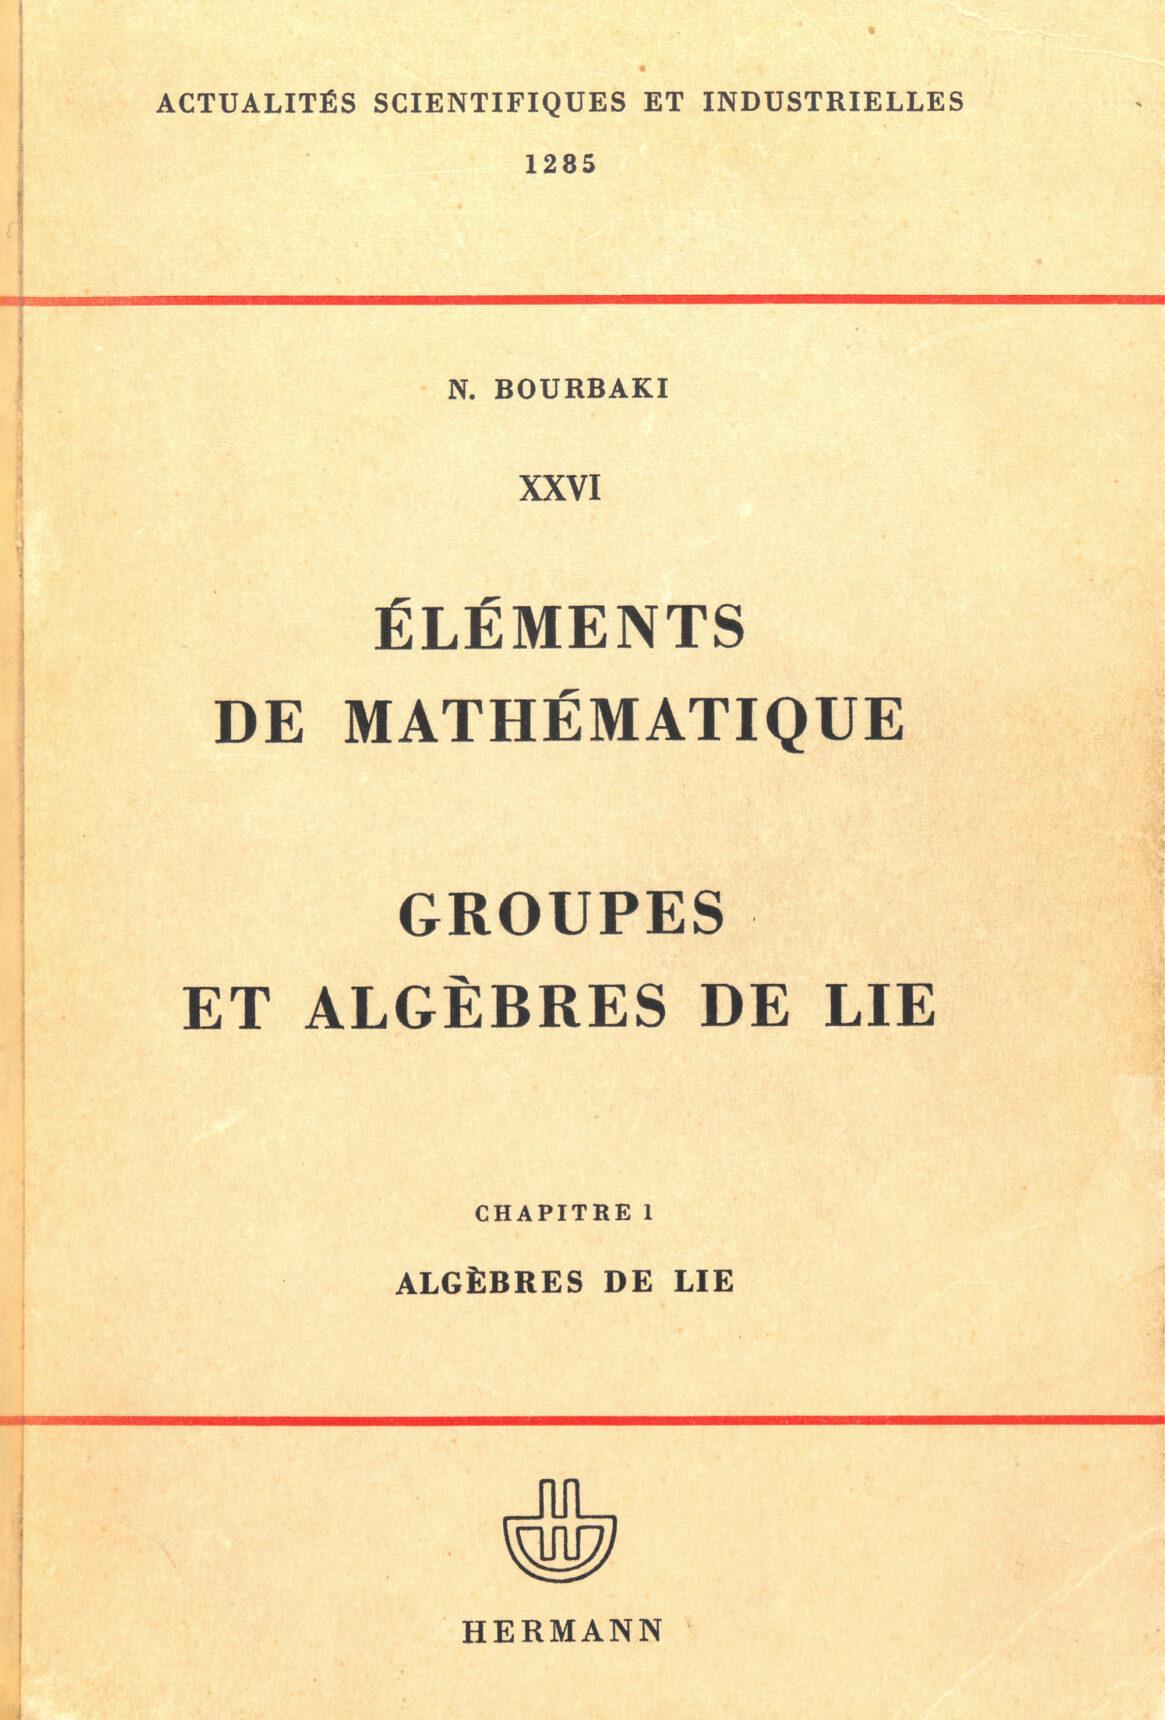 Подробнее о тайном математическом обществе, известном под именем «Никола Бурбаки» - 2